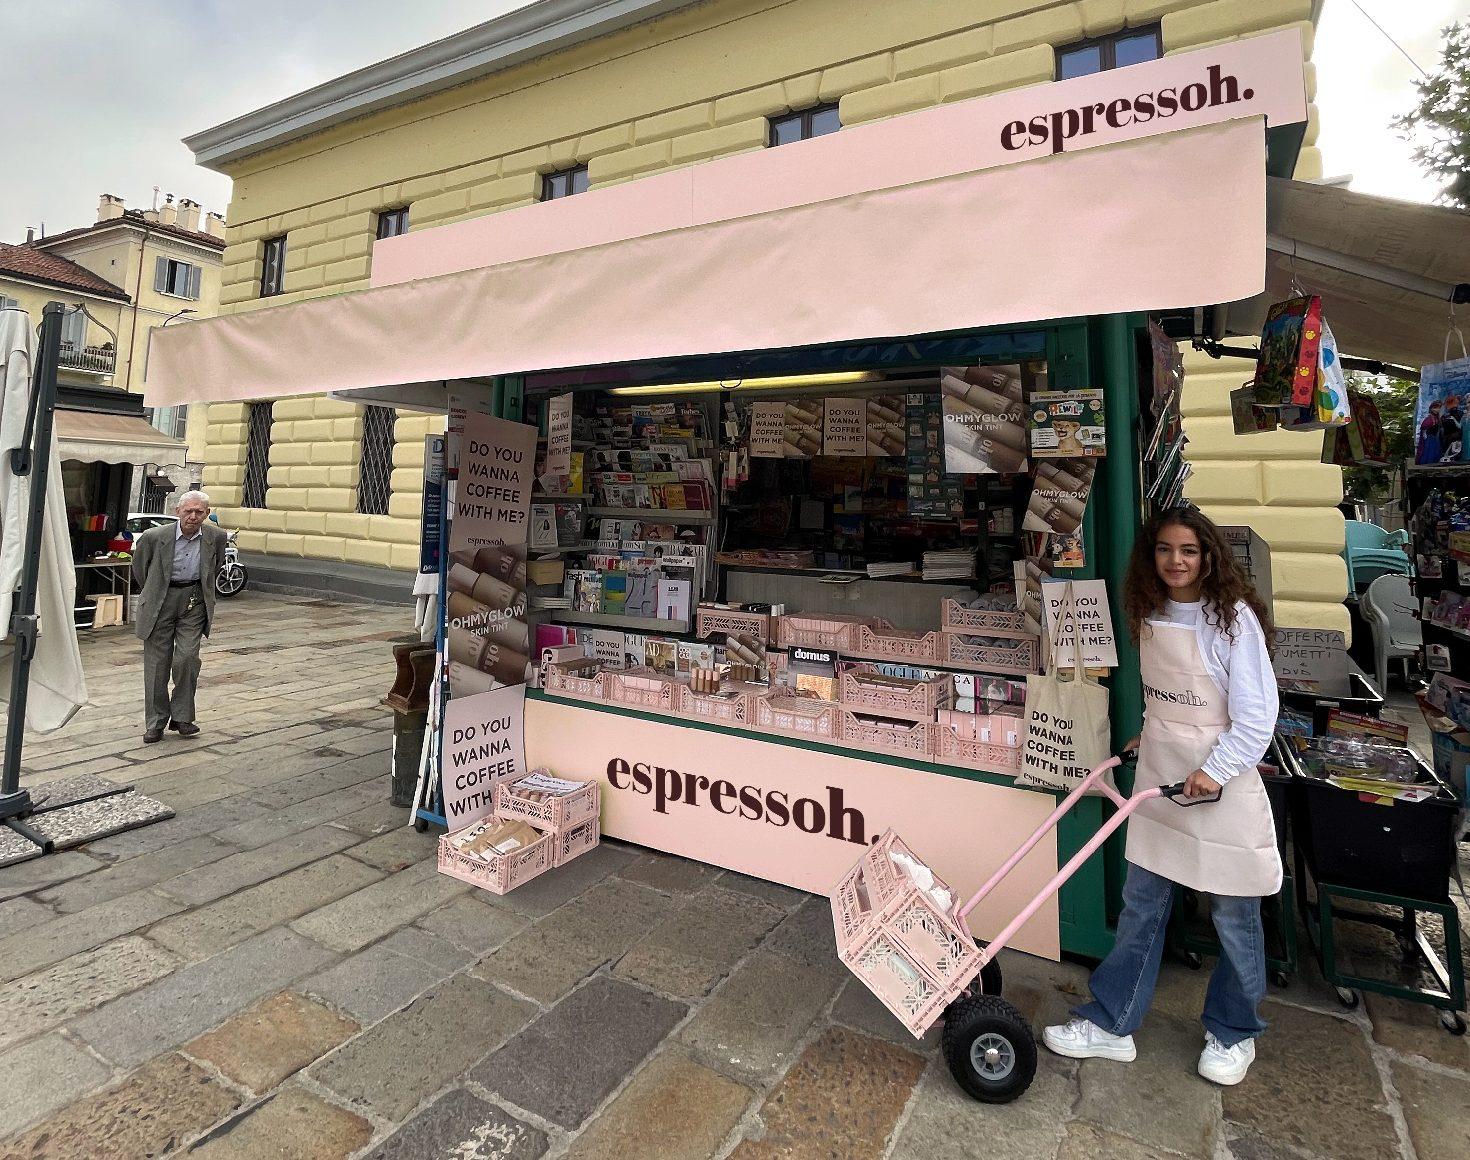 Espressoh temporary shop